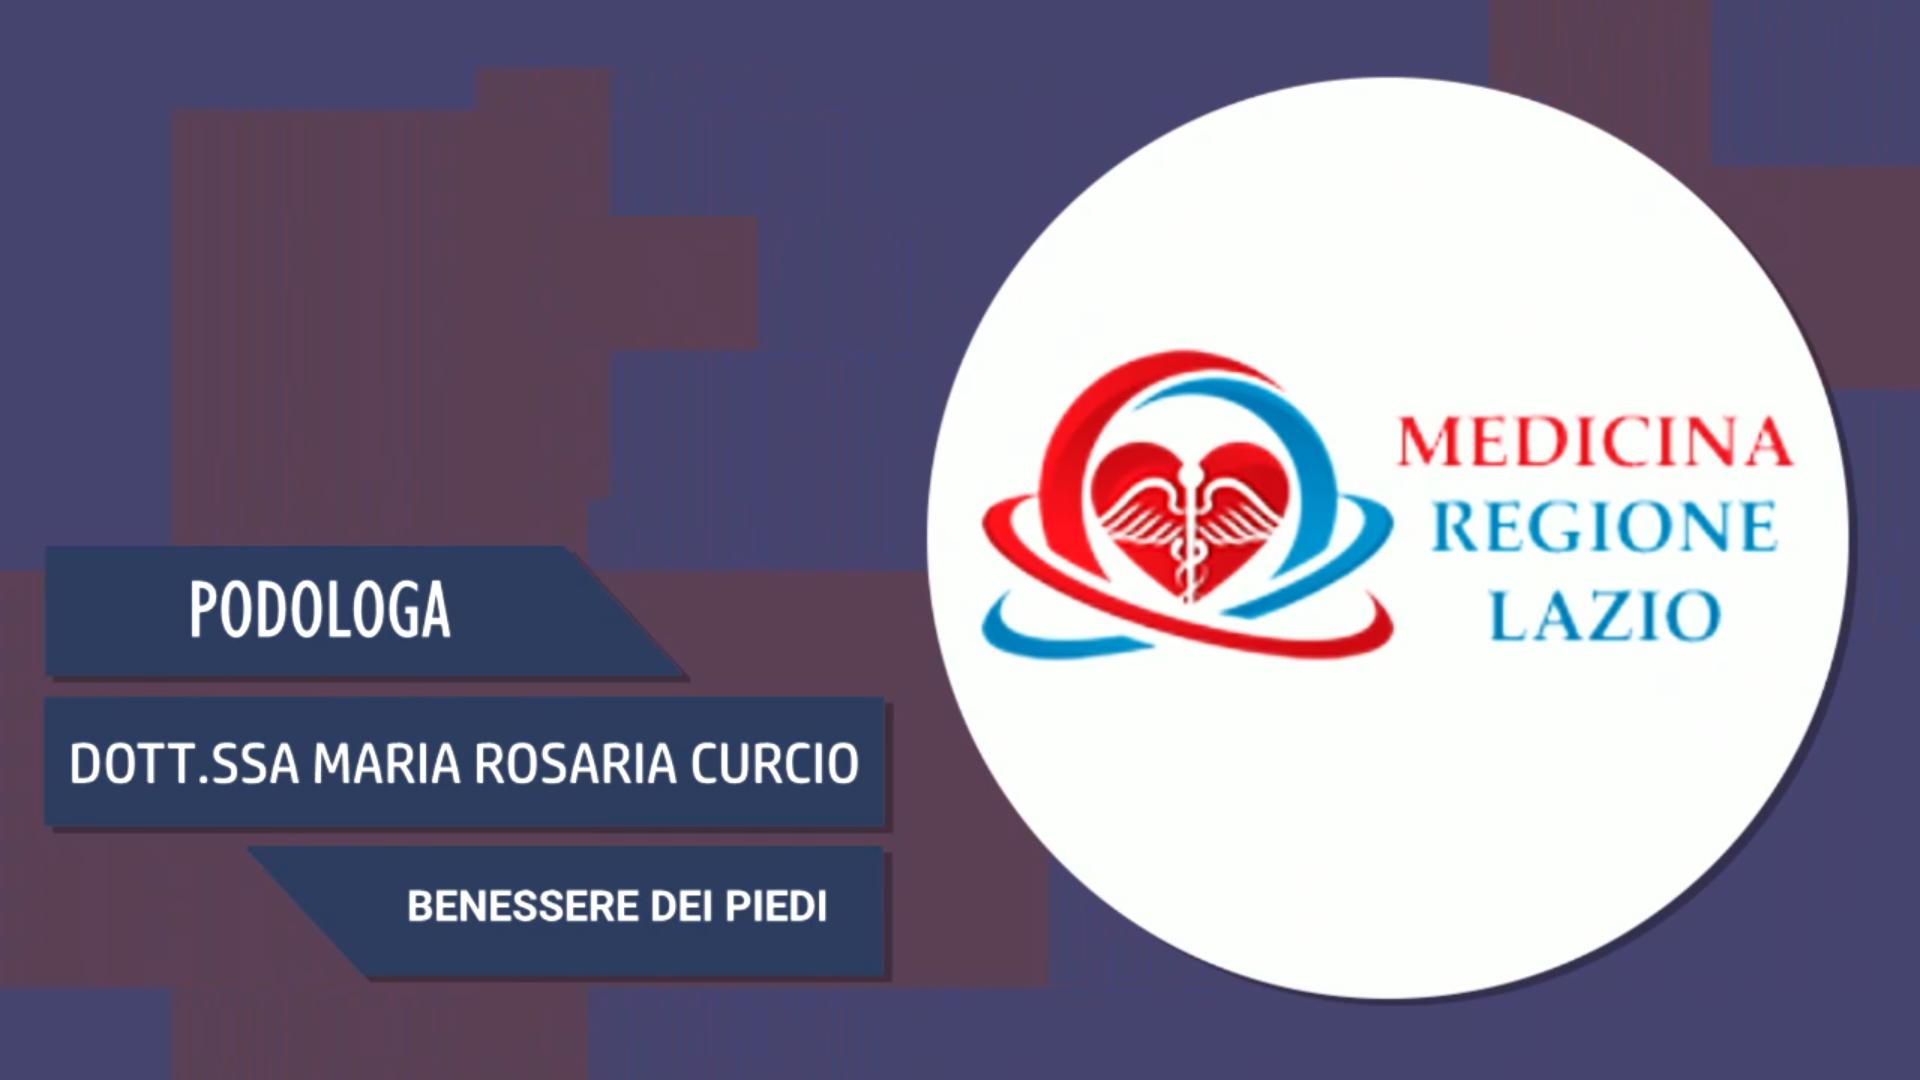 Intervista alla Dott.ssa Maria Rosaria Curcio – Benessere dei piedi